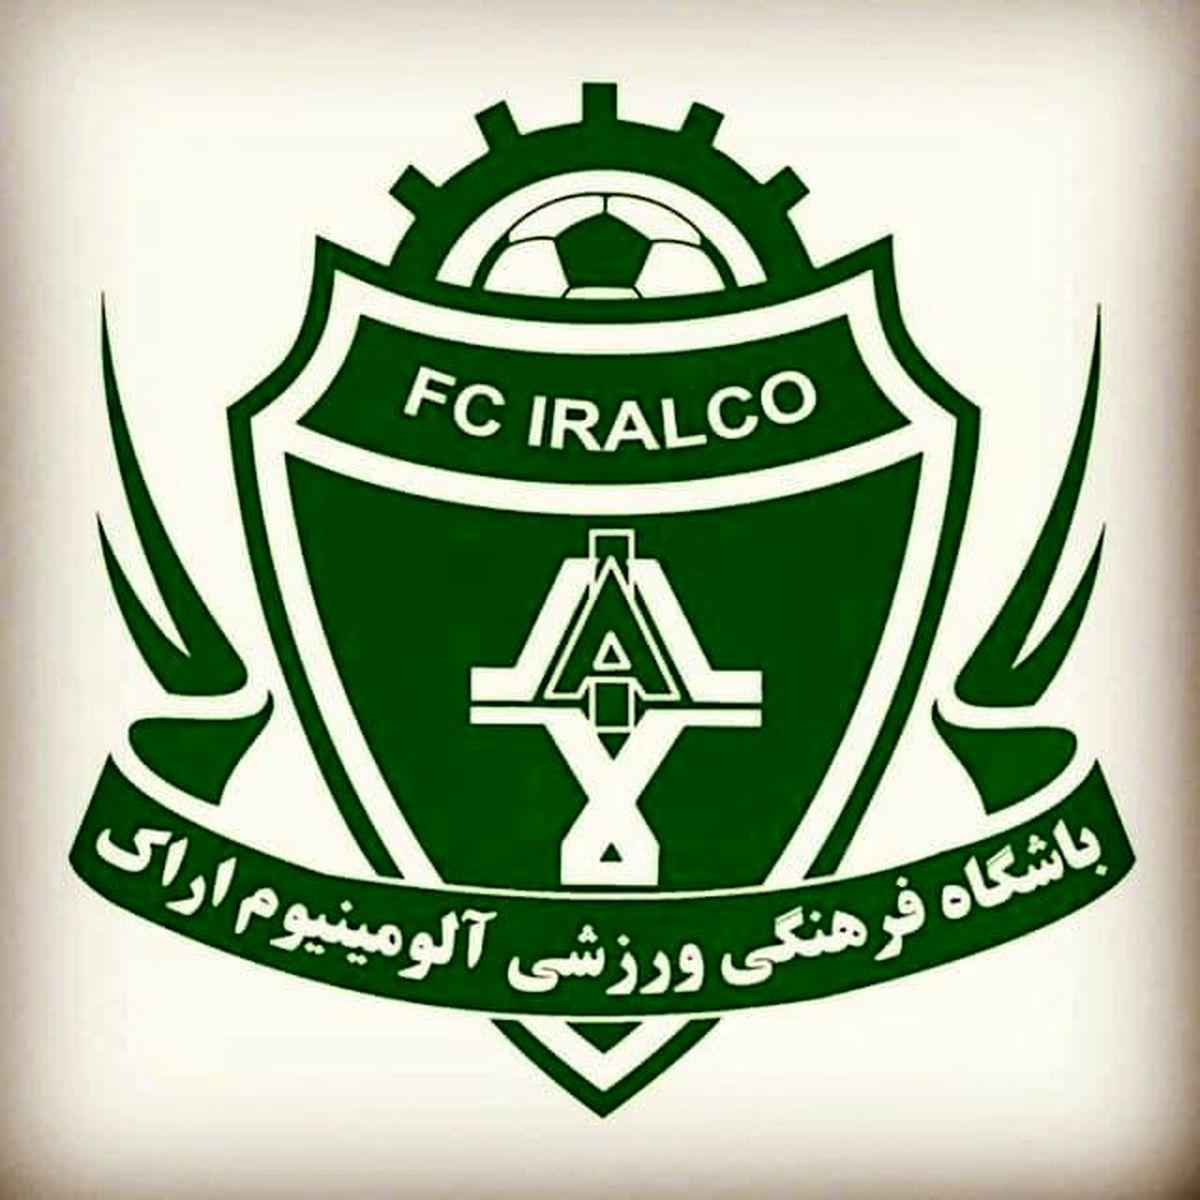 بیانیه باشگاه فرهنگی،ورزشی آلومینیوم اراک در خصوص اشتباهات داوری بازی با پیکان